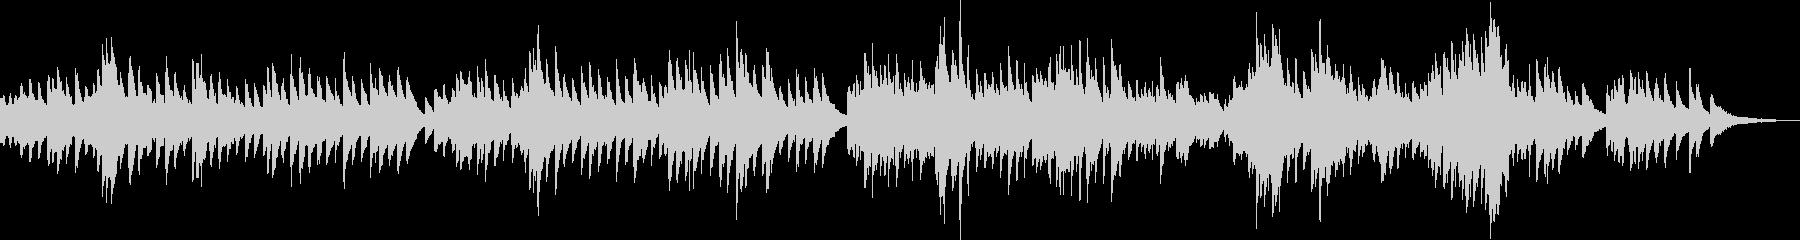 切なくて感動する優しいピアノBGMの未再生の波形